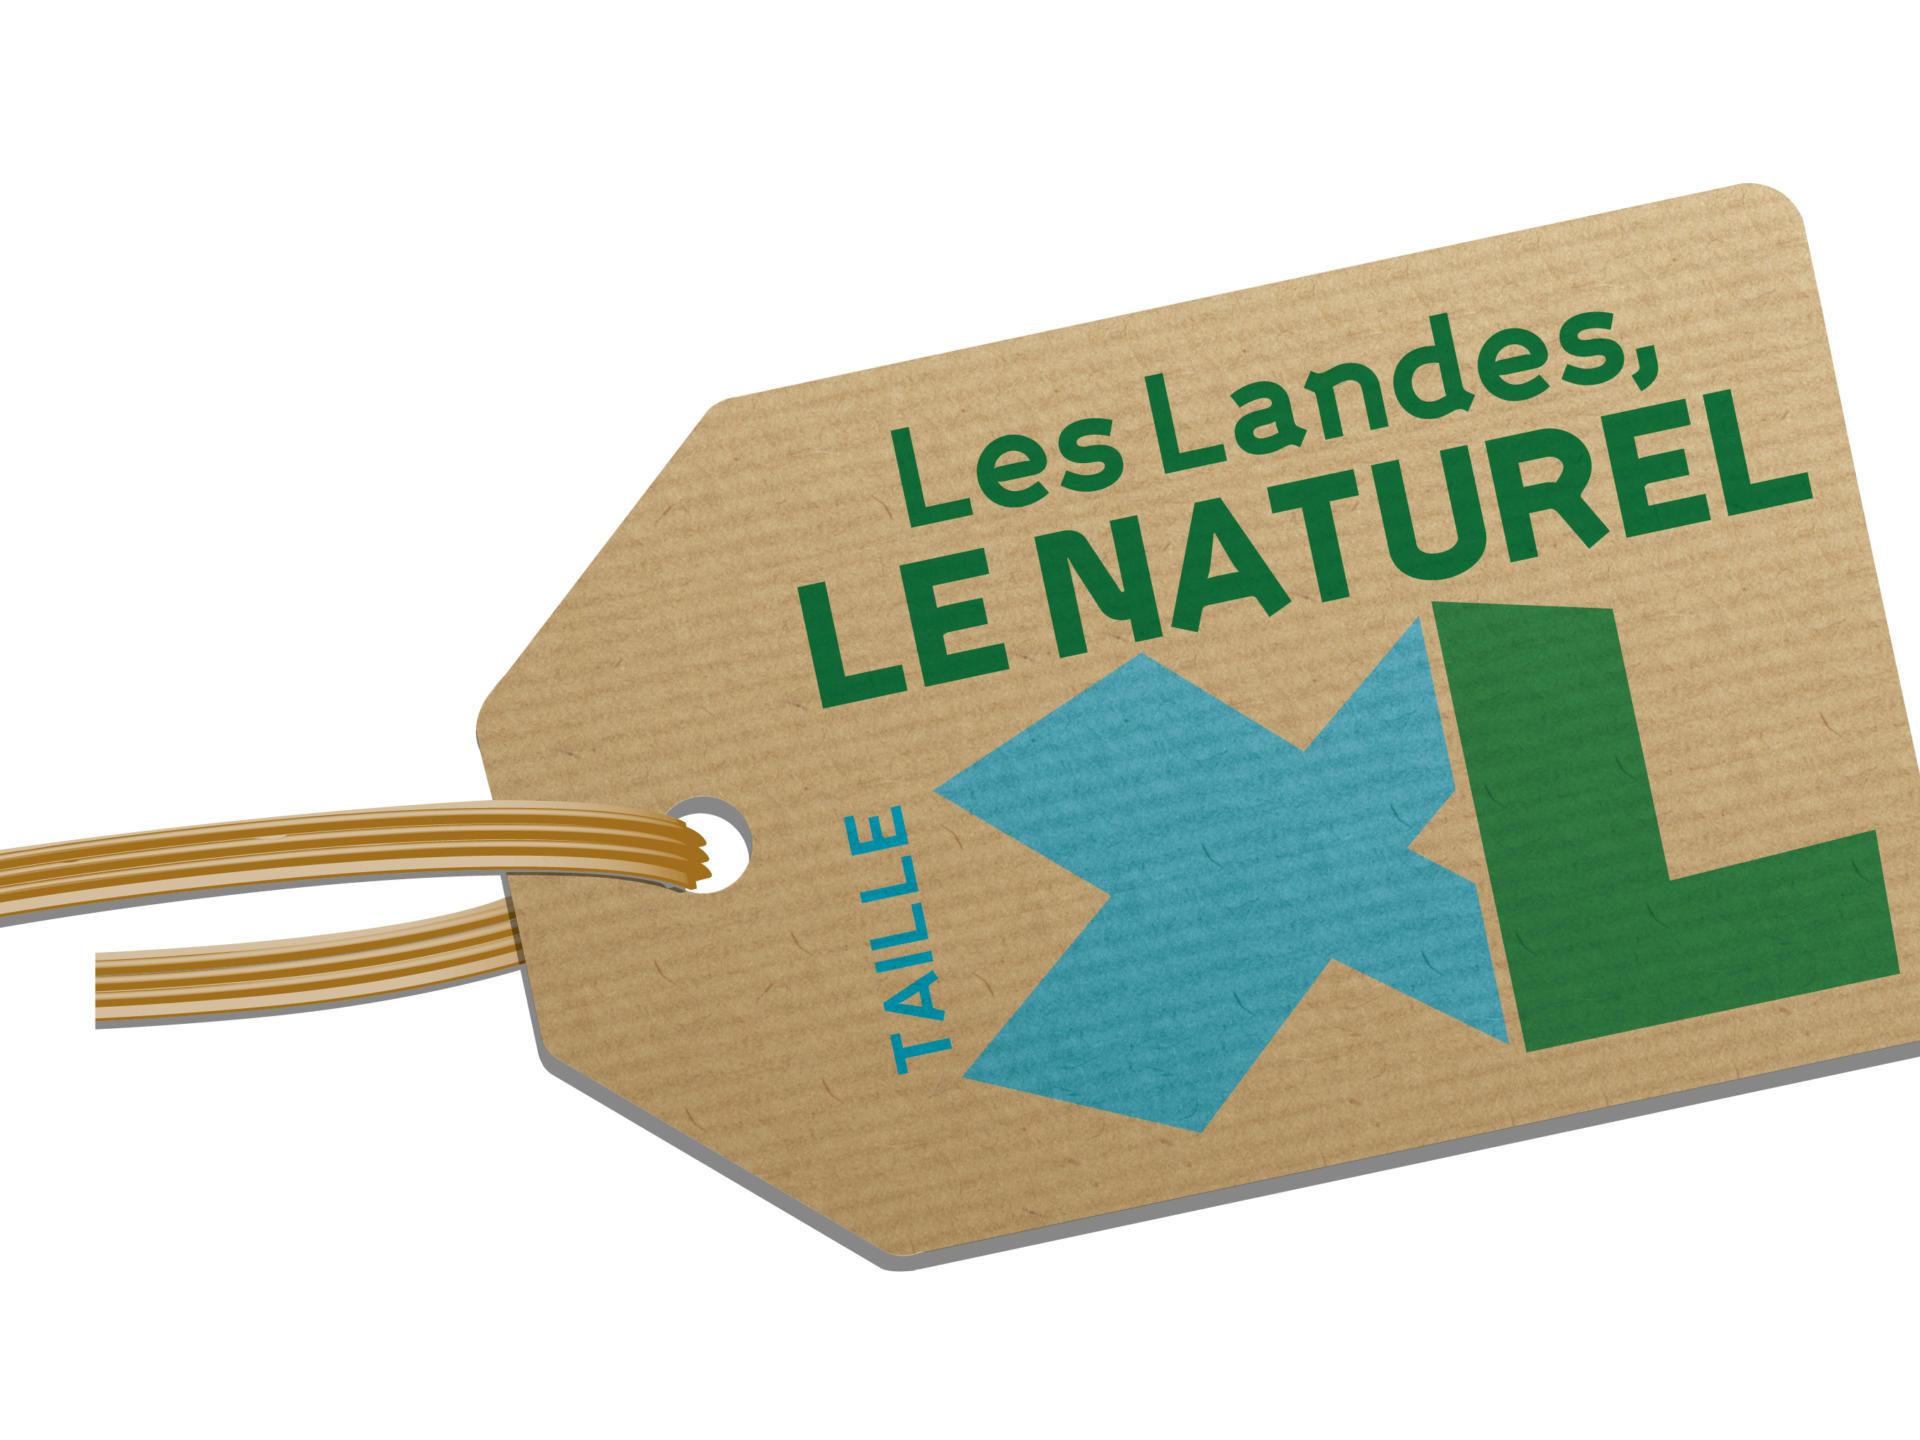 Les Landes, le Naturel taille XL